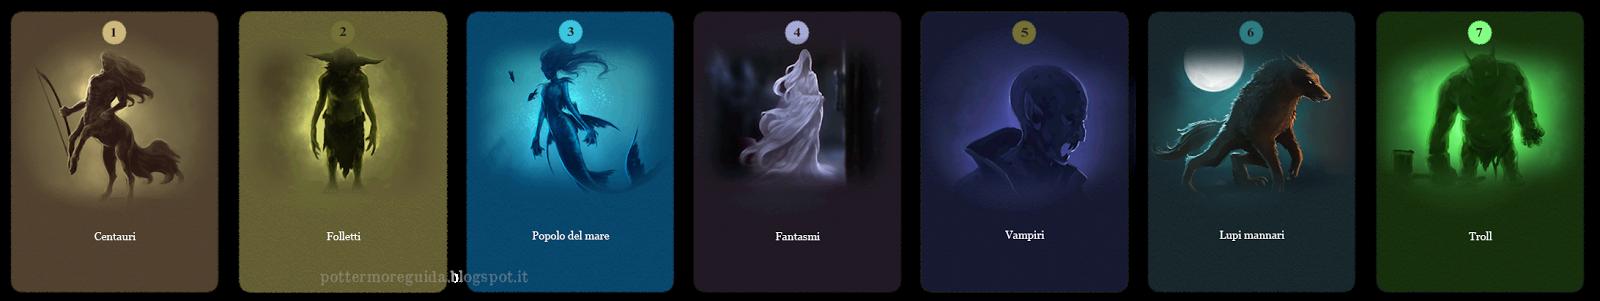 Domanda 7: Quale delle seguenti creature ti piacerebbe di più studiare?